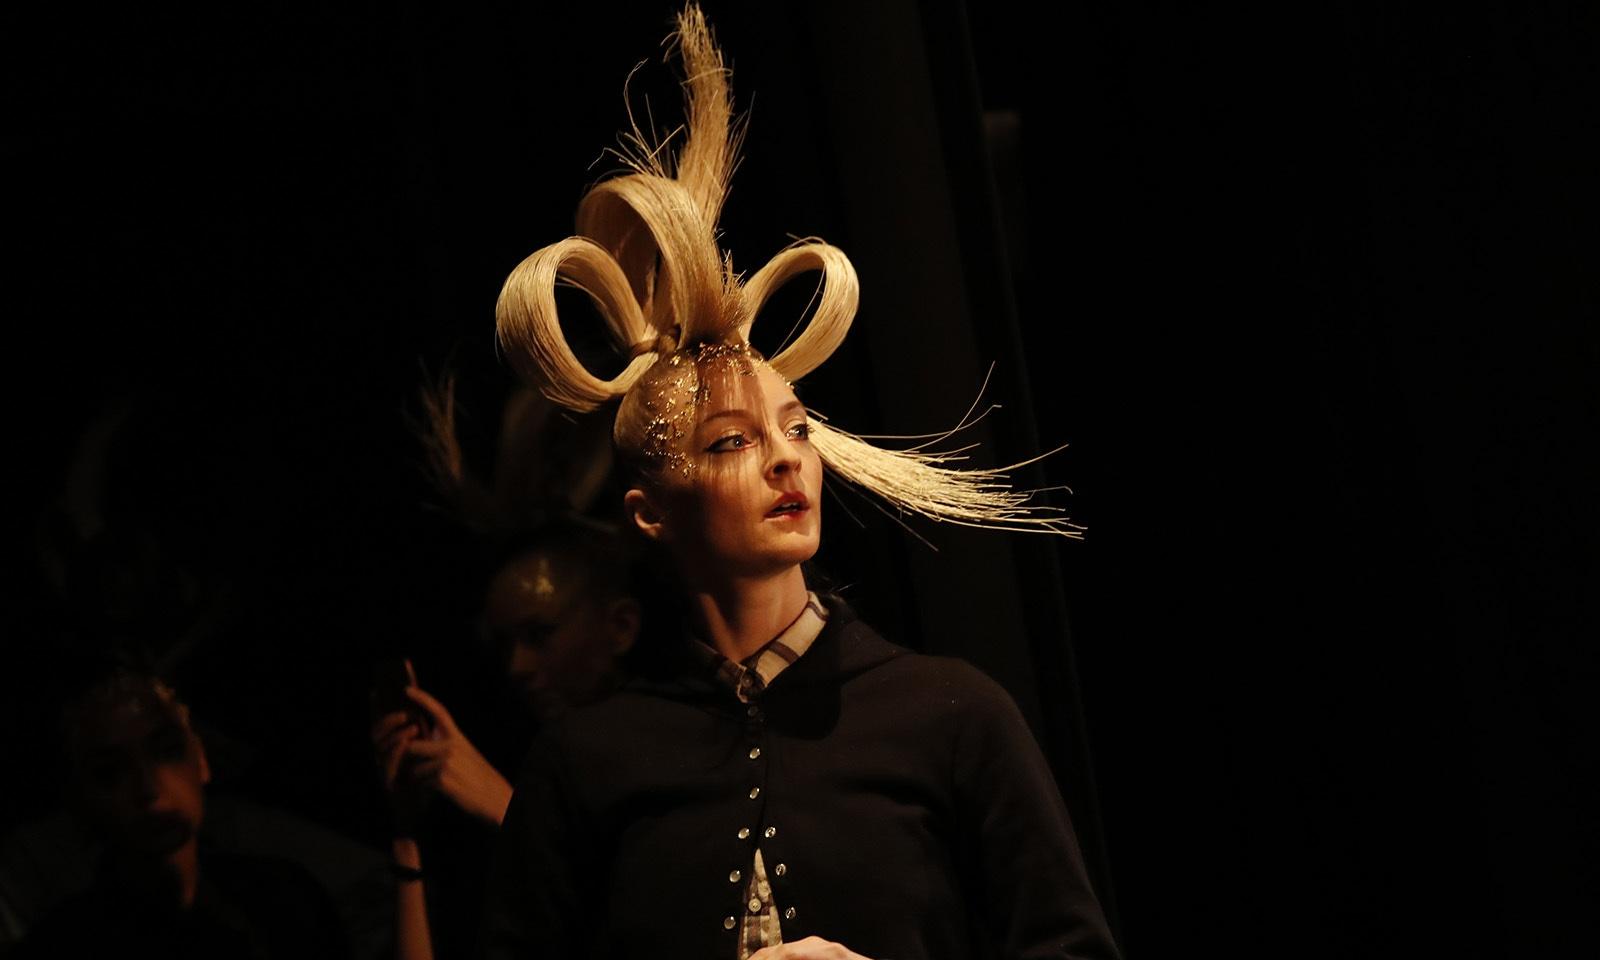 ریپ پر واک سے پہلے ماڈلز نے اپنے بالوں کے منفرد انداز بھی بنائے—فوٹو: اے پی